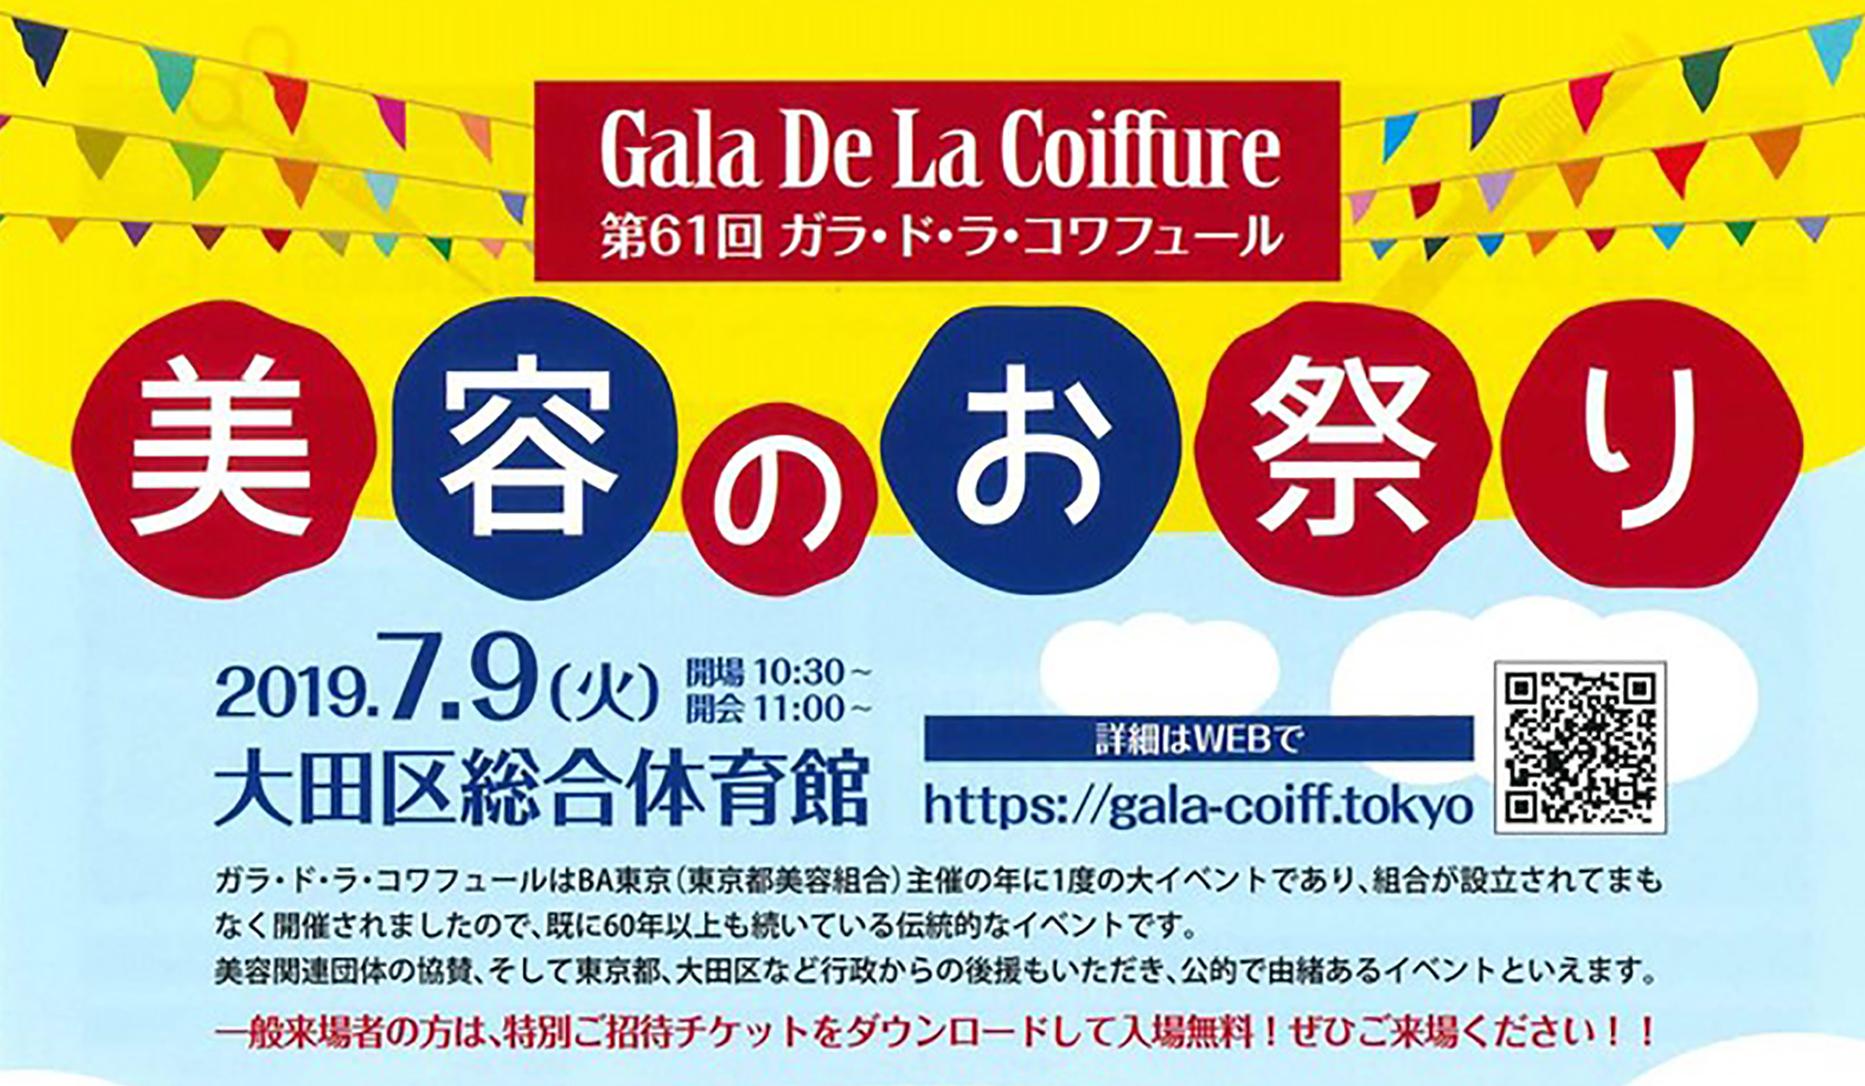 ガラ・ド・ラ・コワフュール 美容技術コンクール